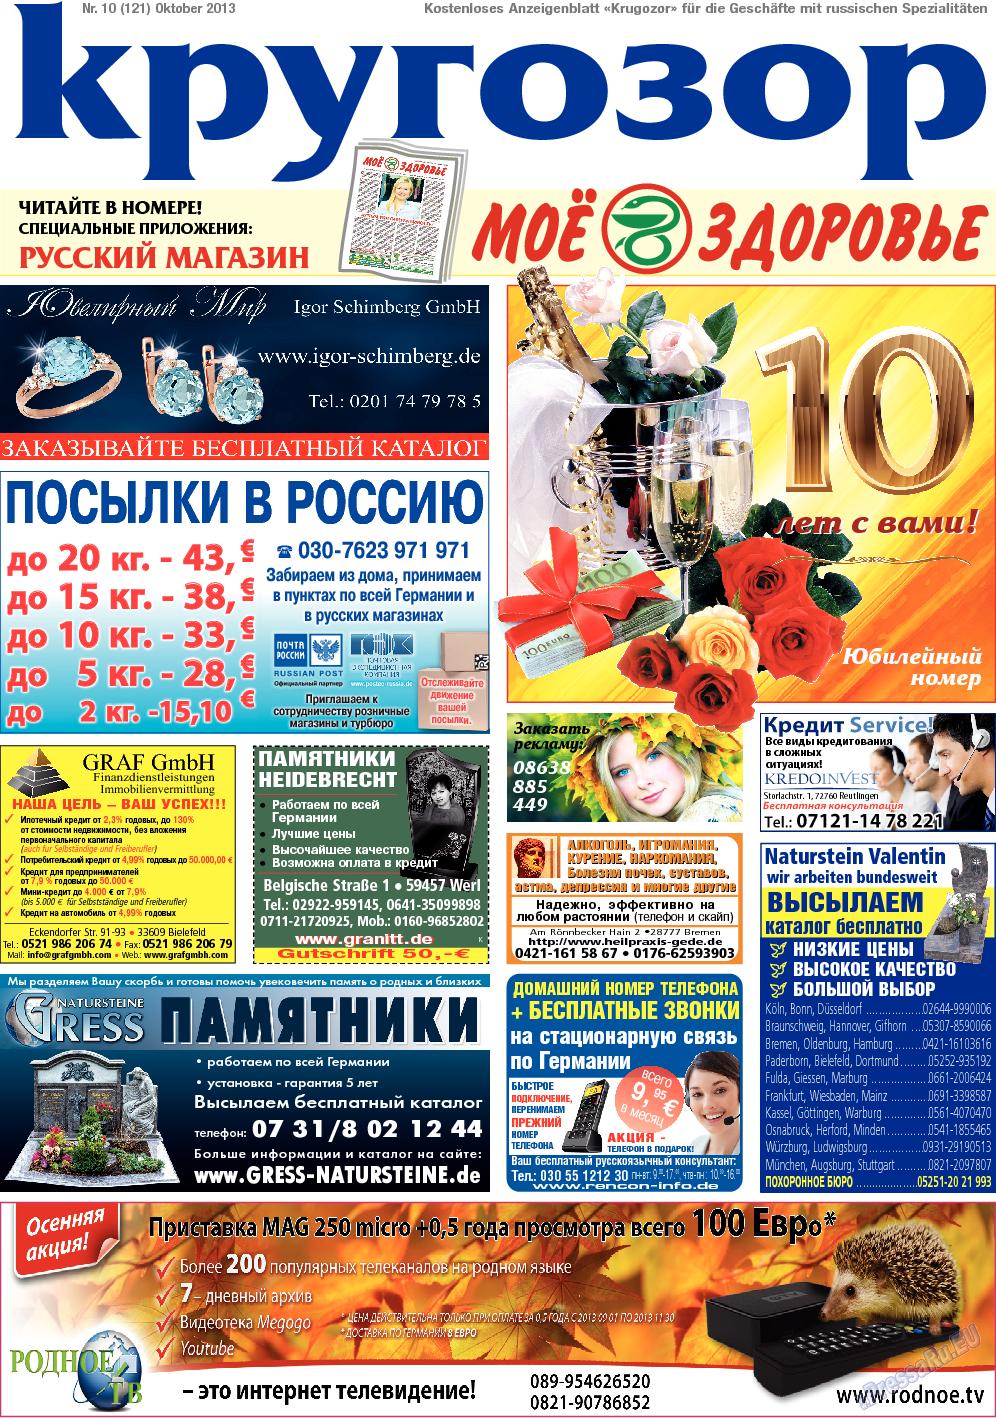 Кругозор (газета). 2013 год, номер 10, стр. 1